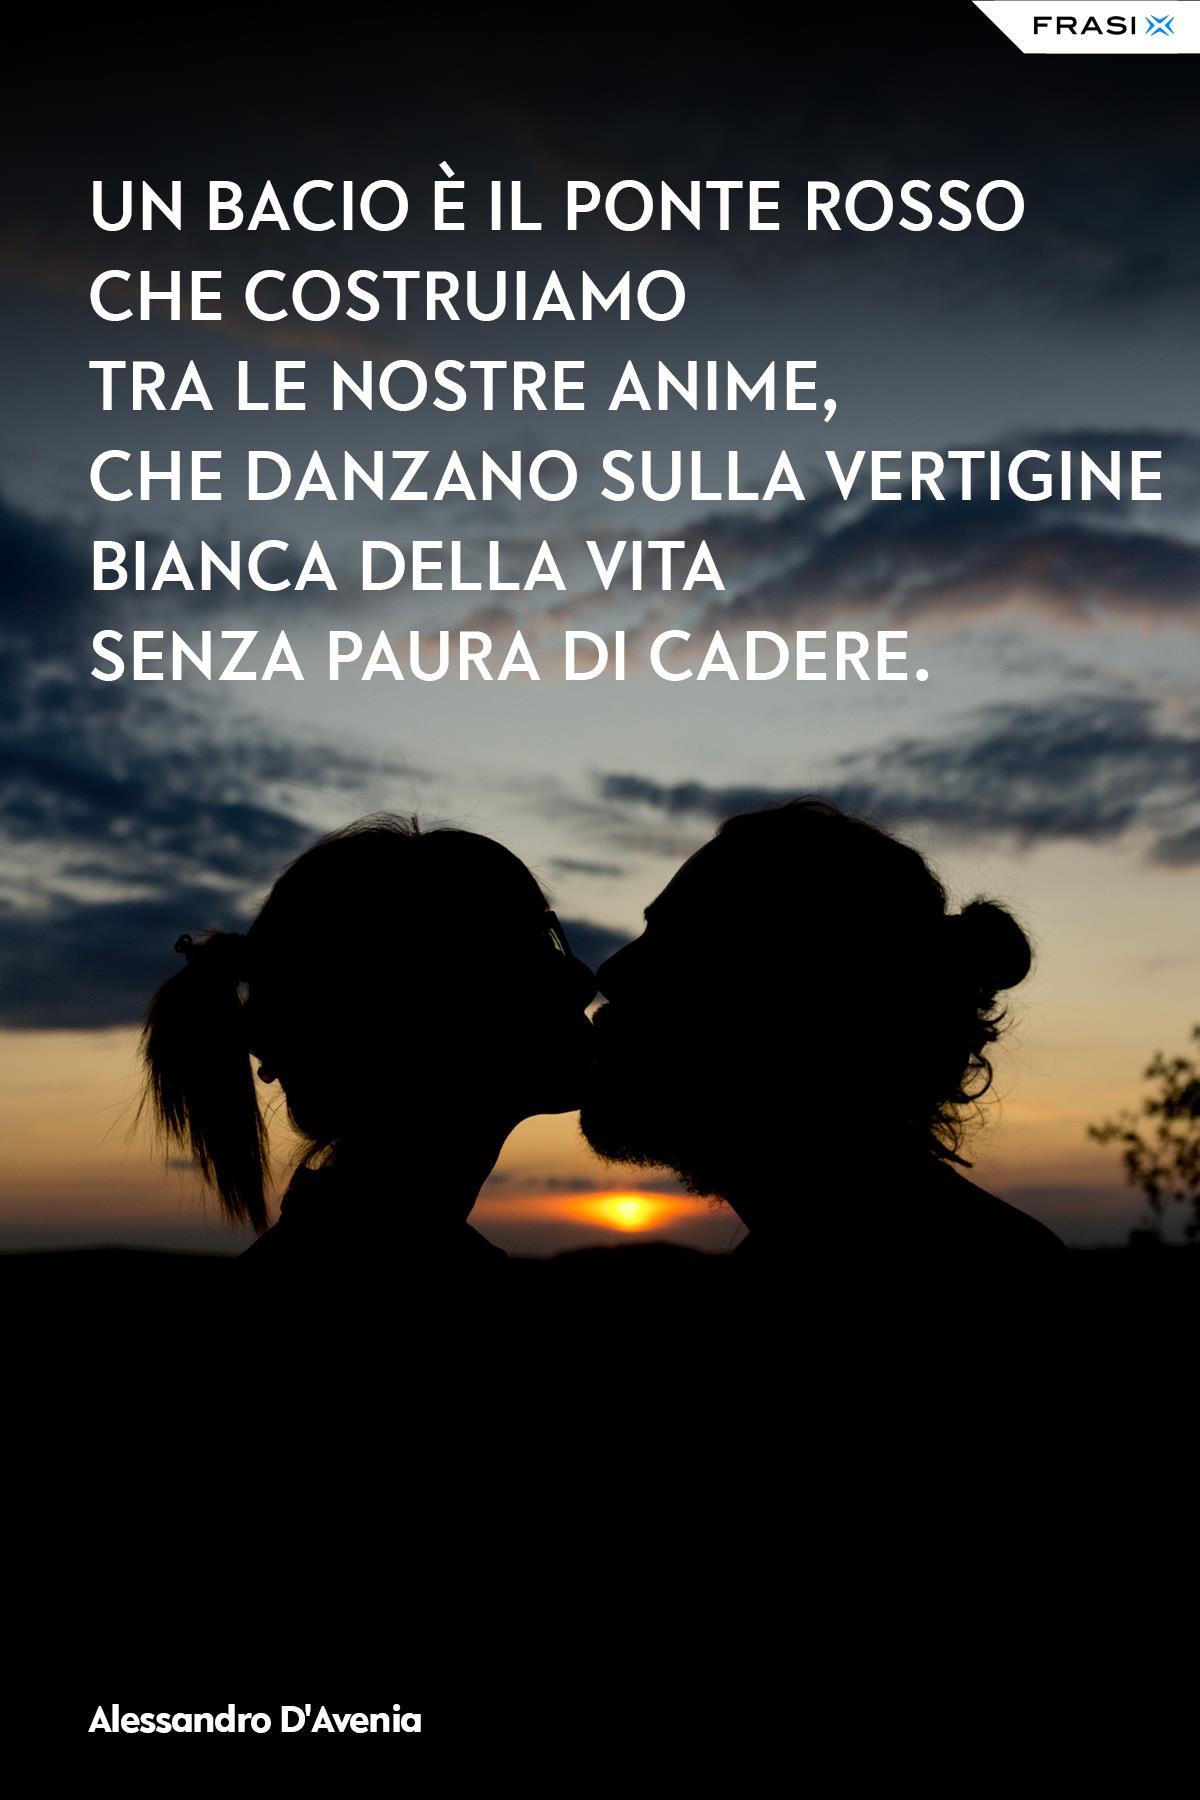 Frasi bacio ponte rosso Alessandro D'Avenia